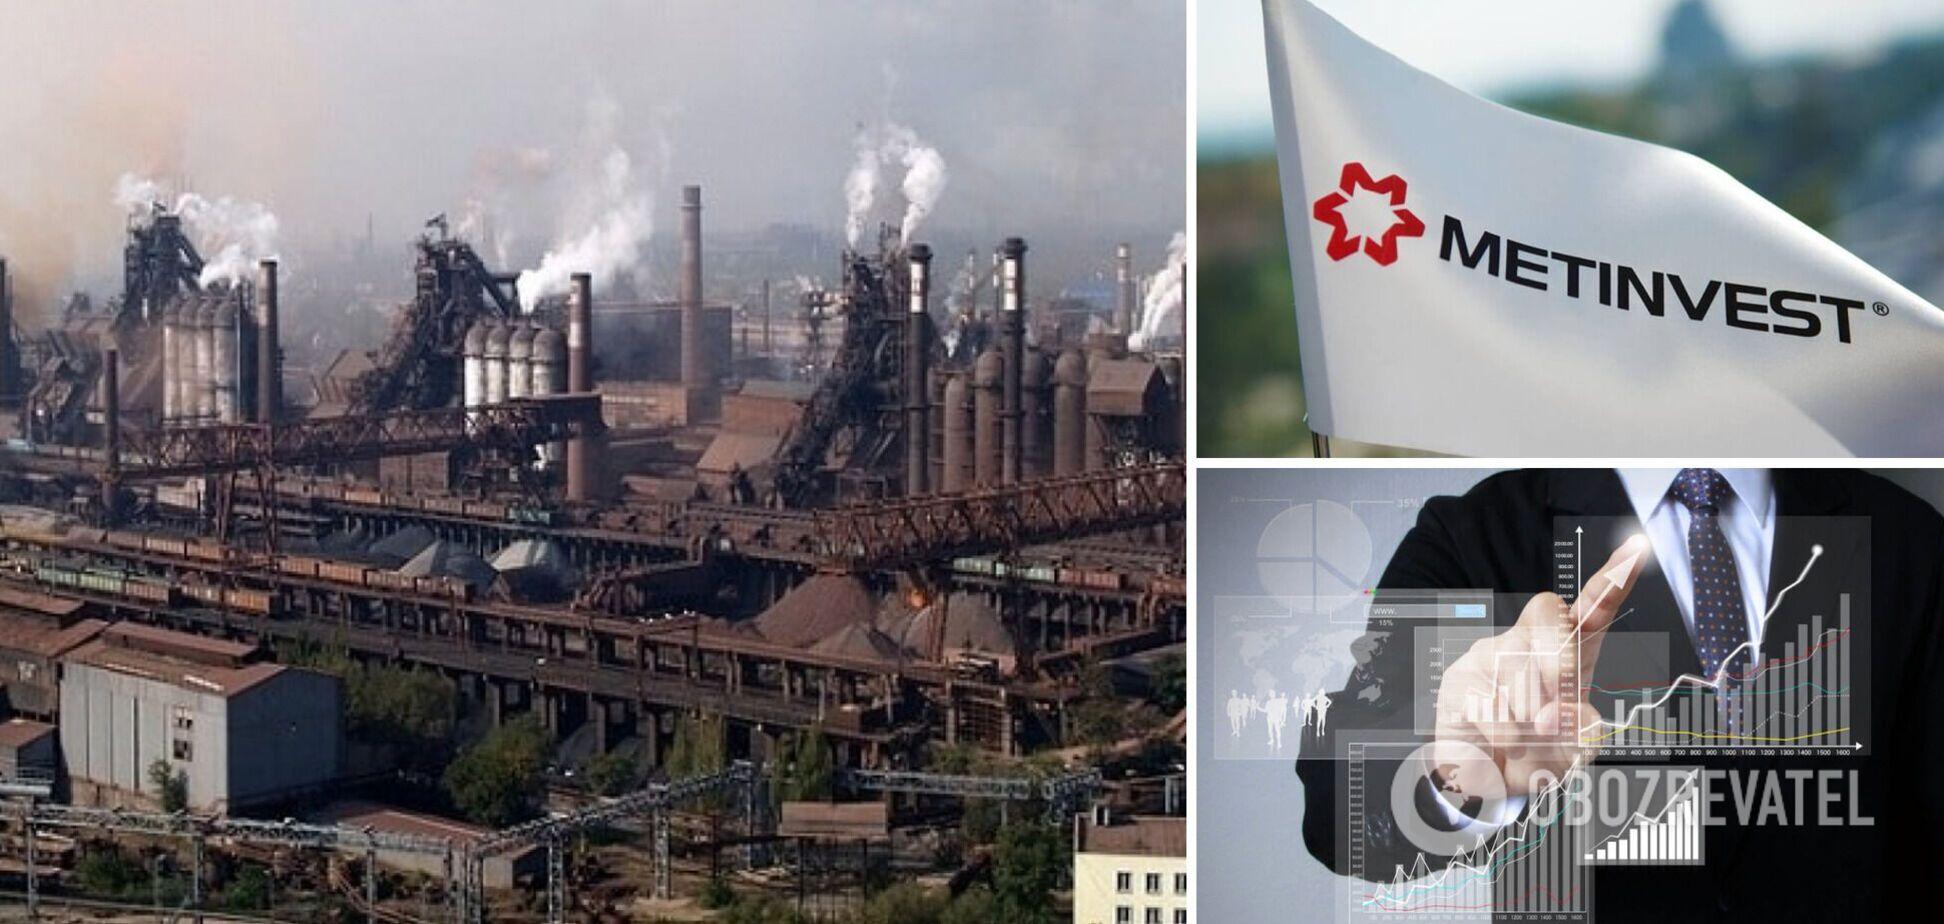 Аналитик рассказал об эффекте крупнейшей инвестиции 'Метинвеста' в истории украинского производства